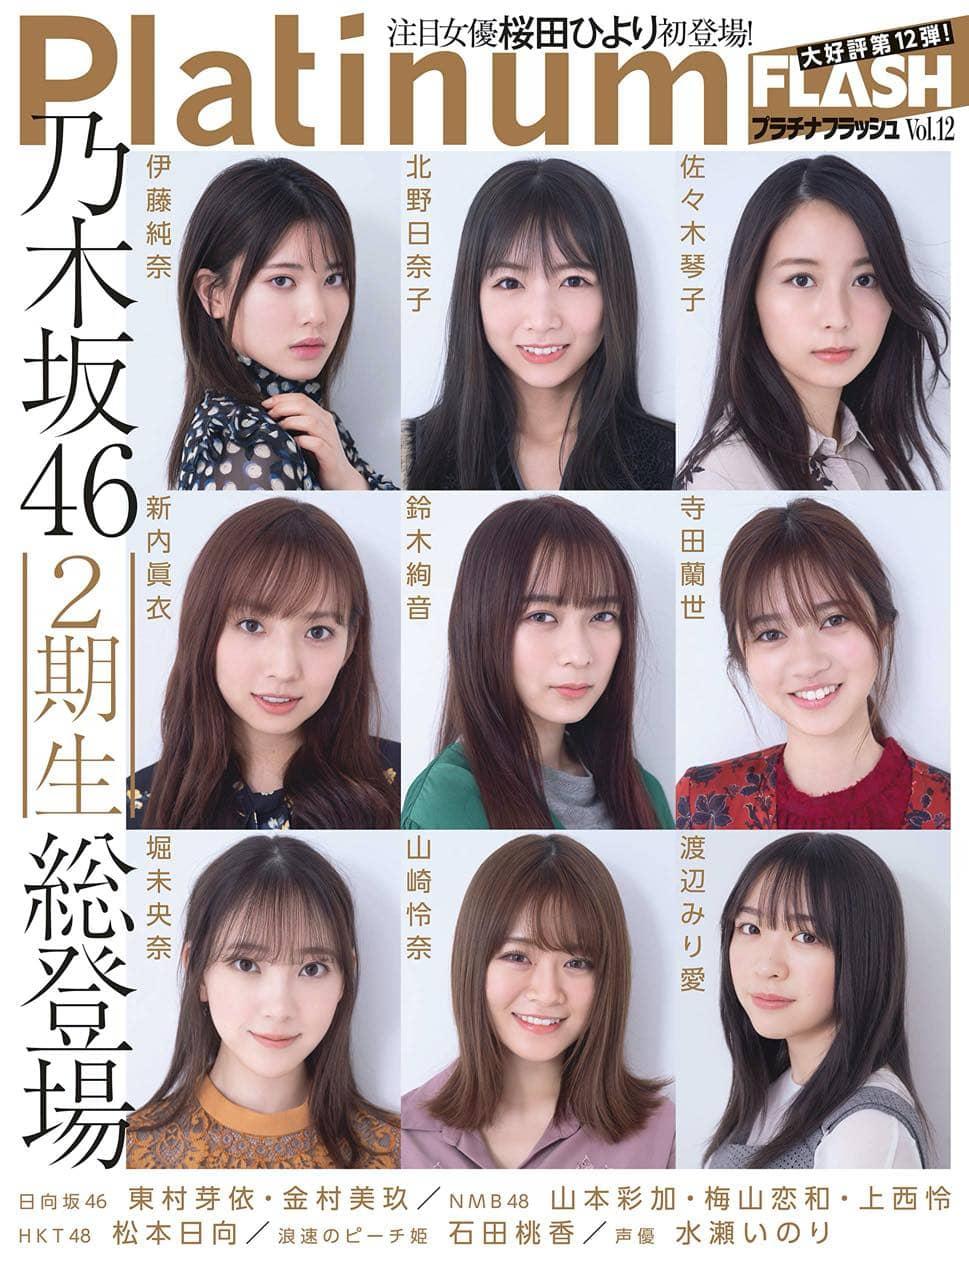 乃木坂46 2期生 総登場!「Platinum FLASH vol.12」2/14発売!